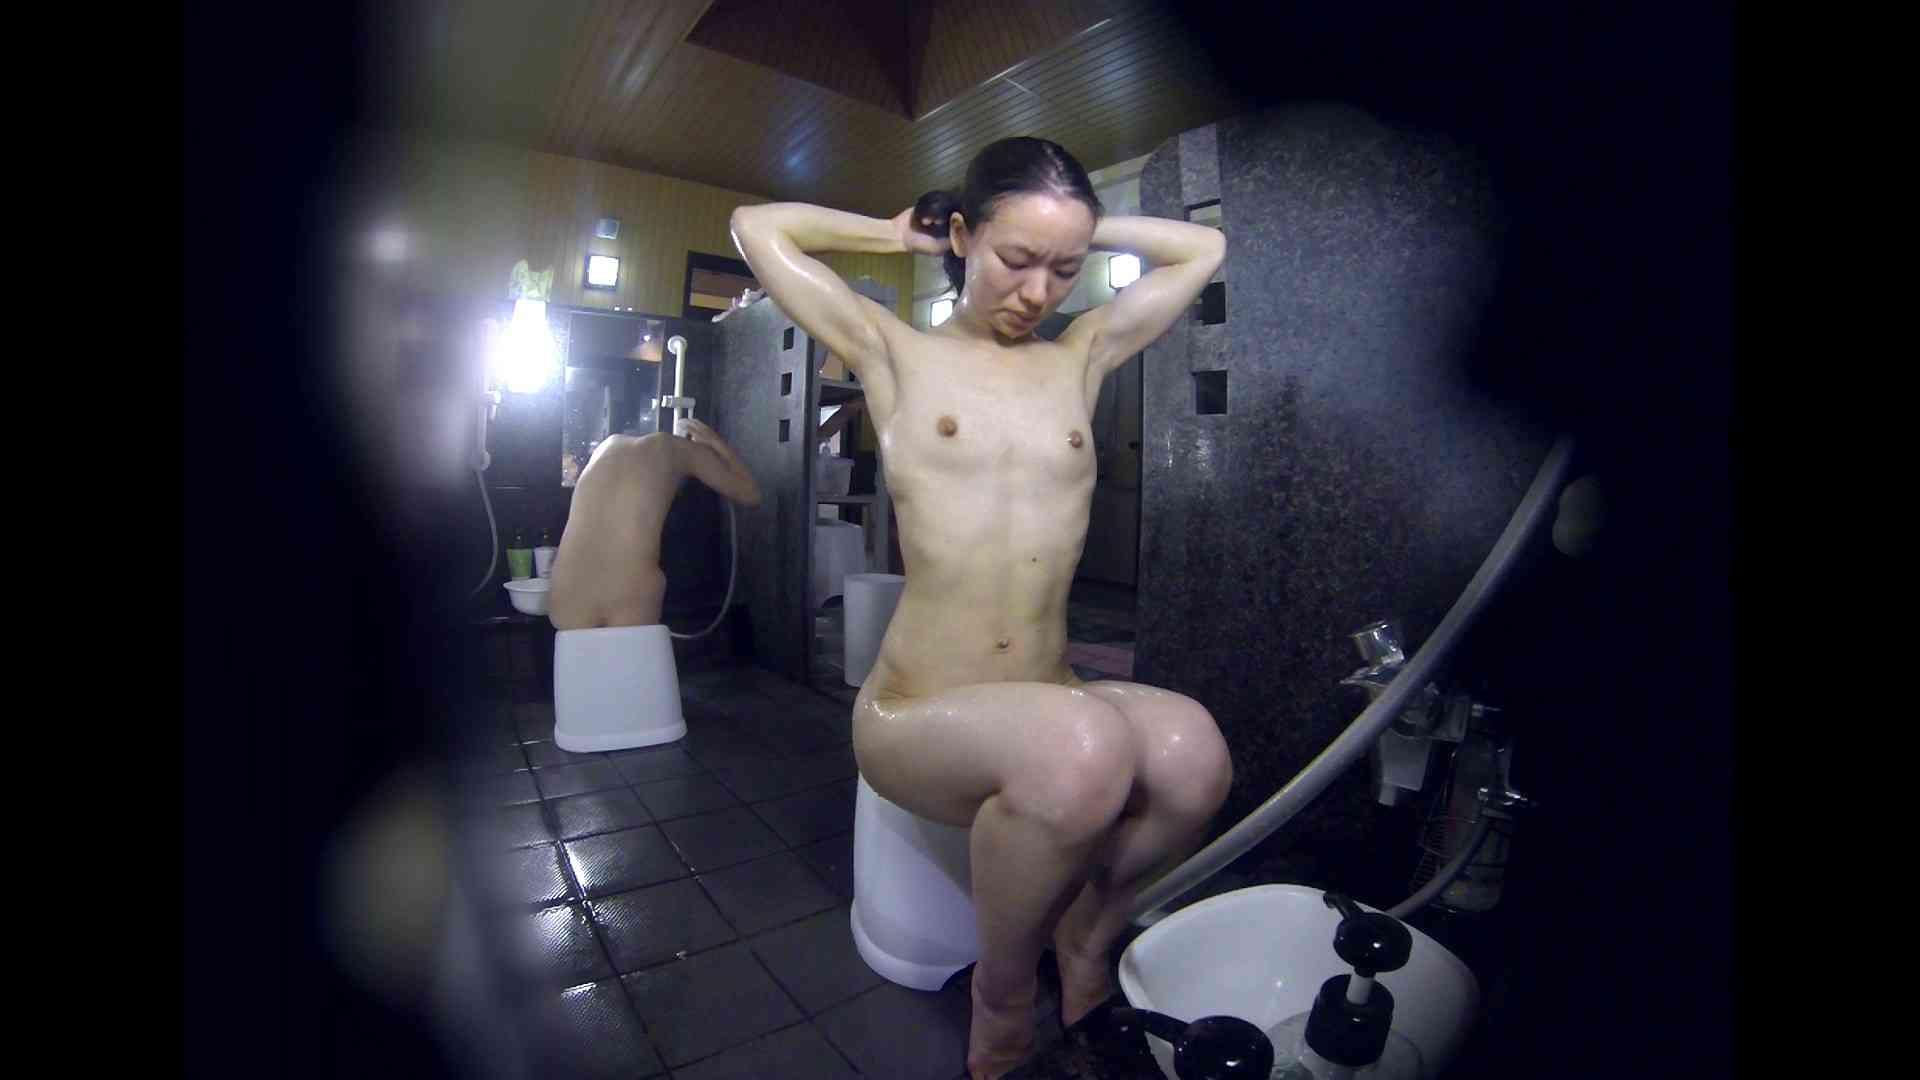 洗い場!可愛い?ブサイク?確かなのは貧乳であること 銭湯着替え AV無料動画キャプチャ 61画像 11